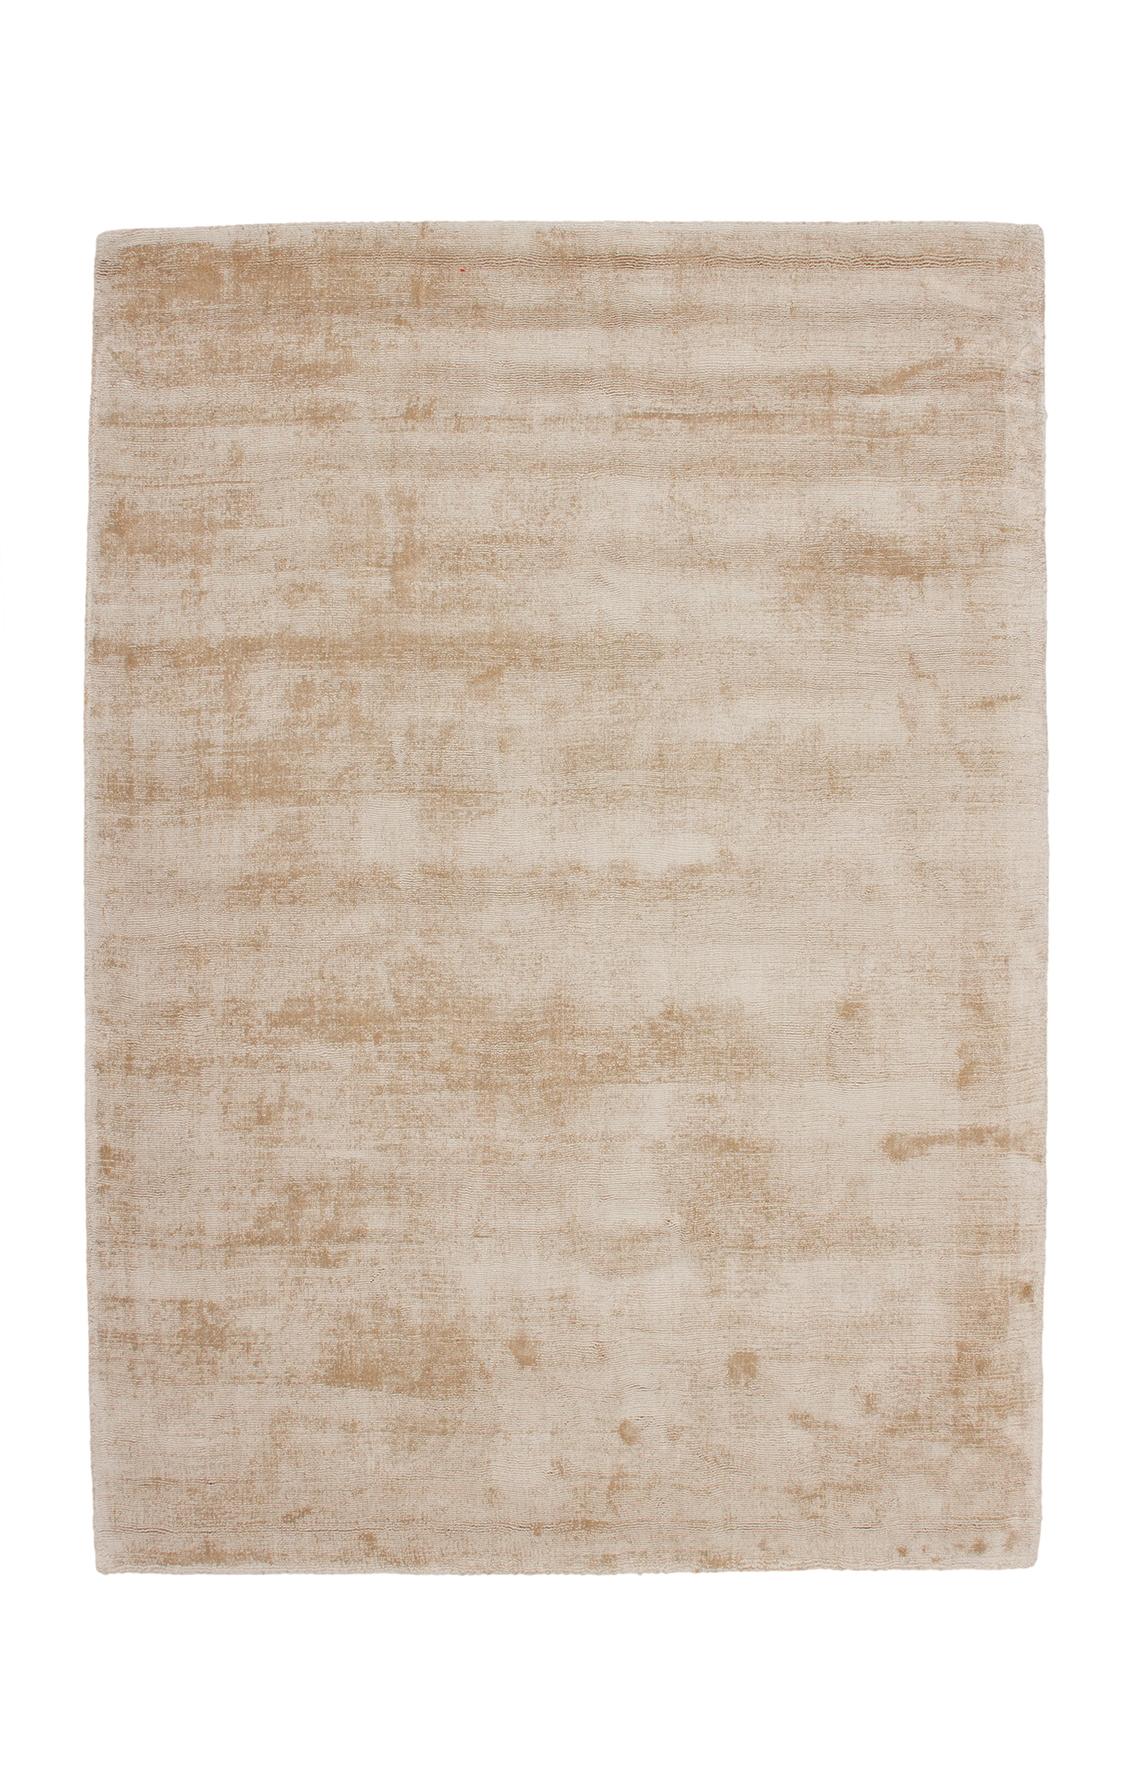 Obsession koberce Ručně tkaný kusový koberec MAORI 220 BEIGE - 120x170 cm Béžová